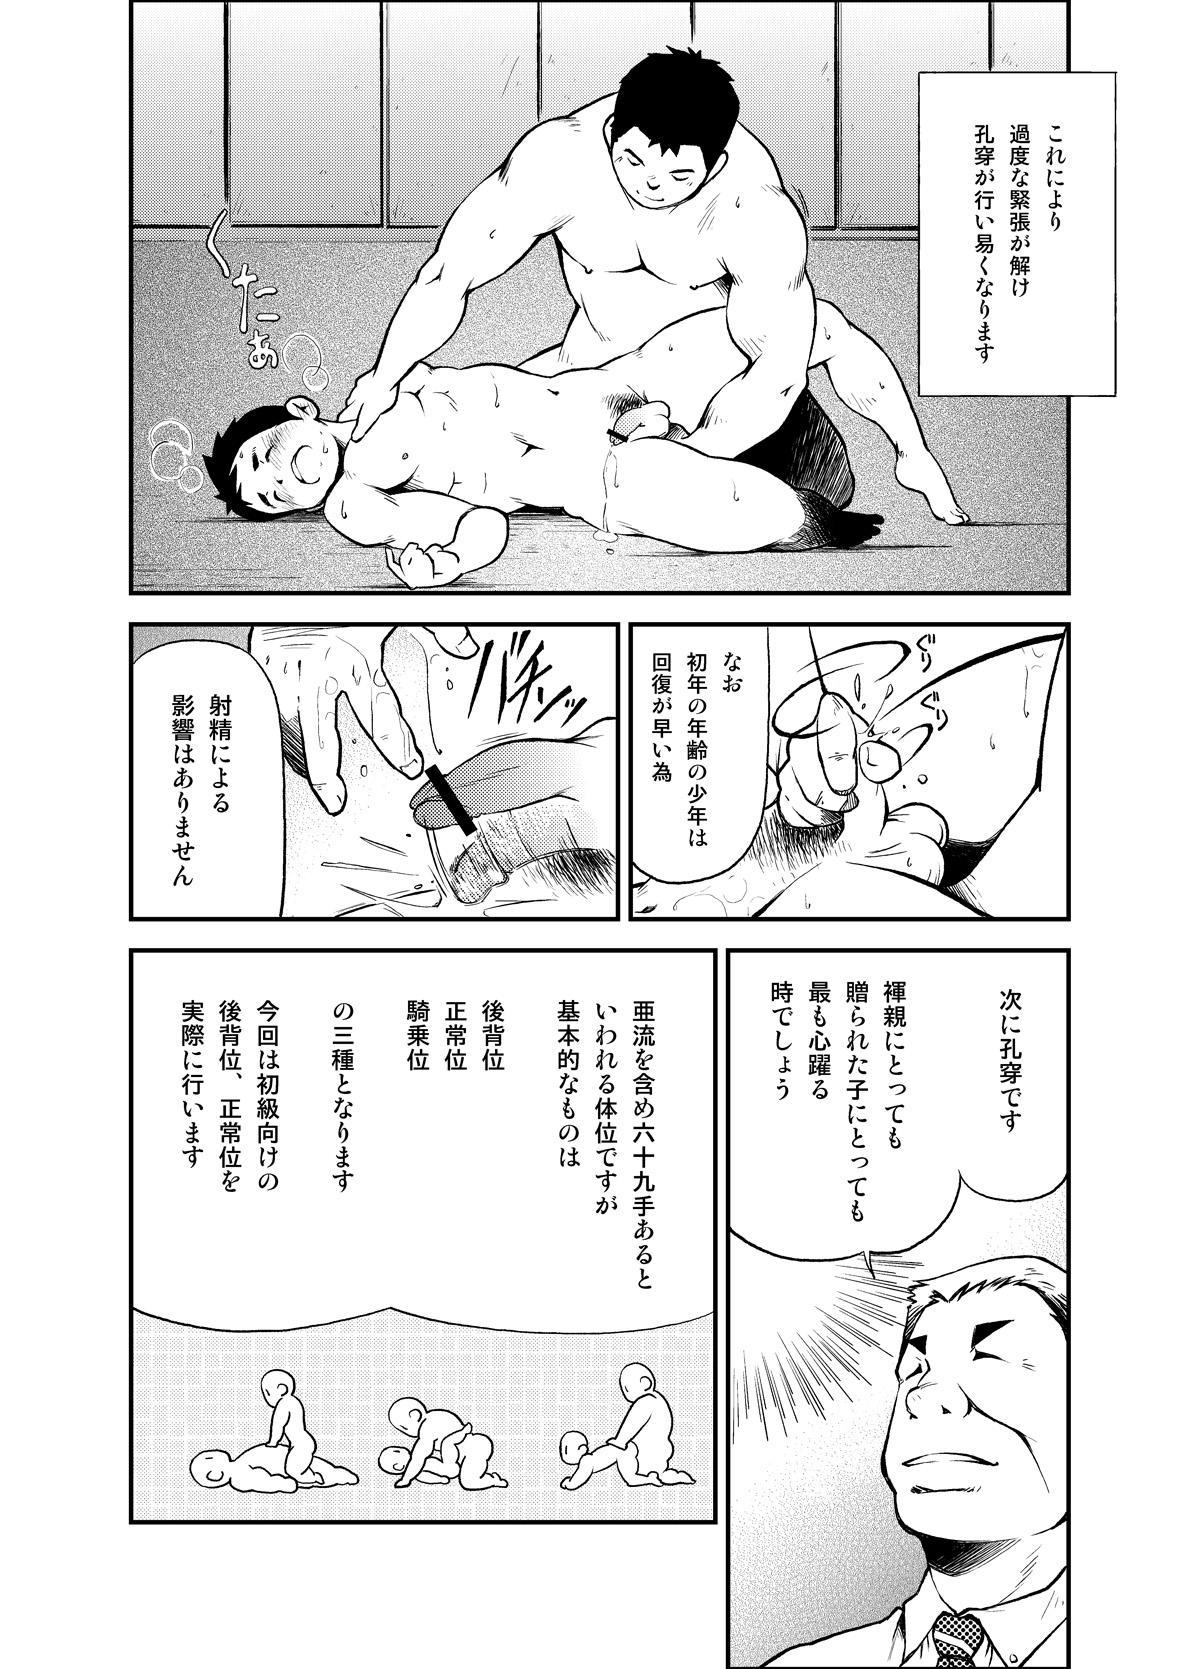 Tadashii Danshi no Kyouren Hou 17